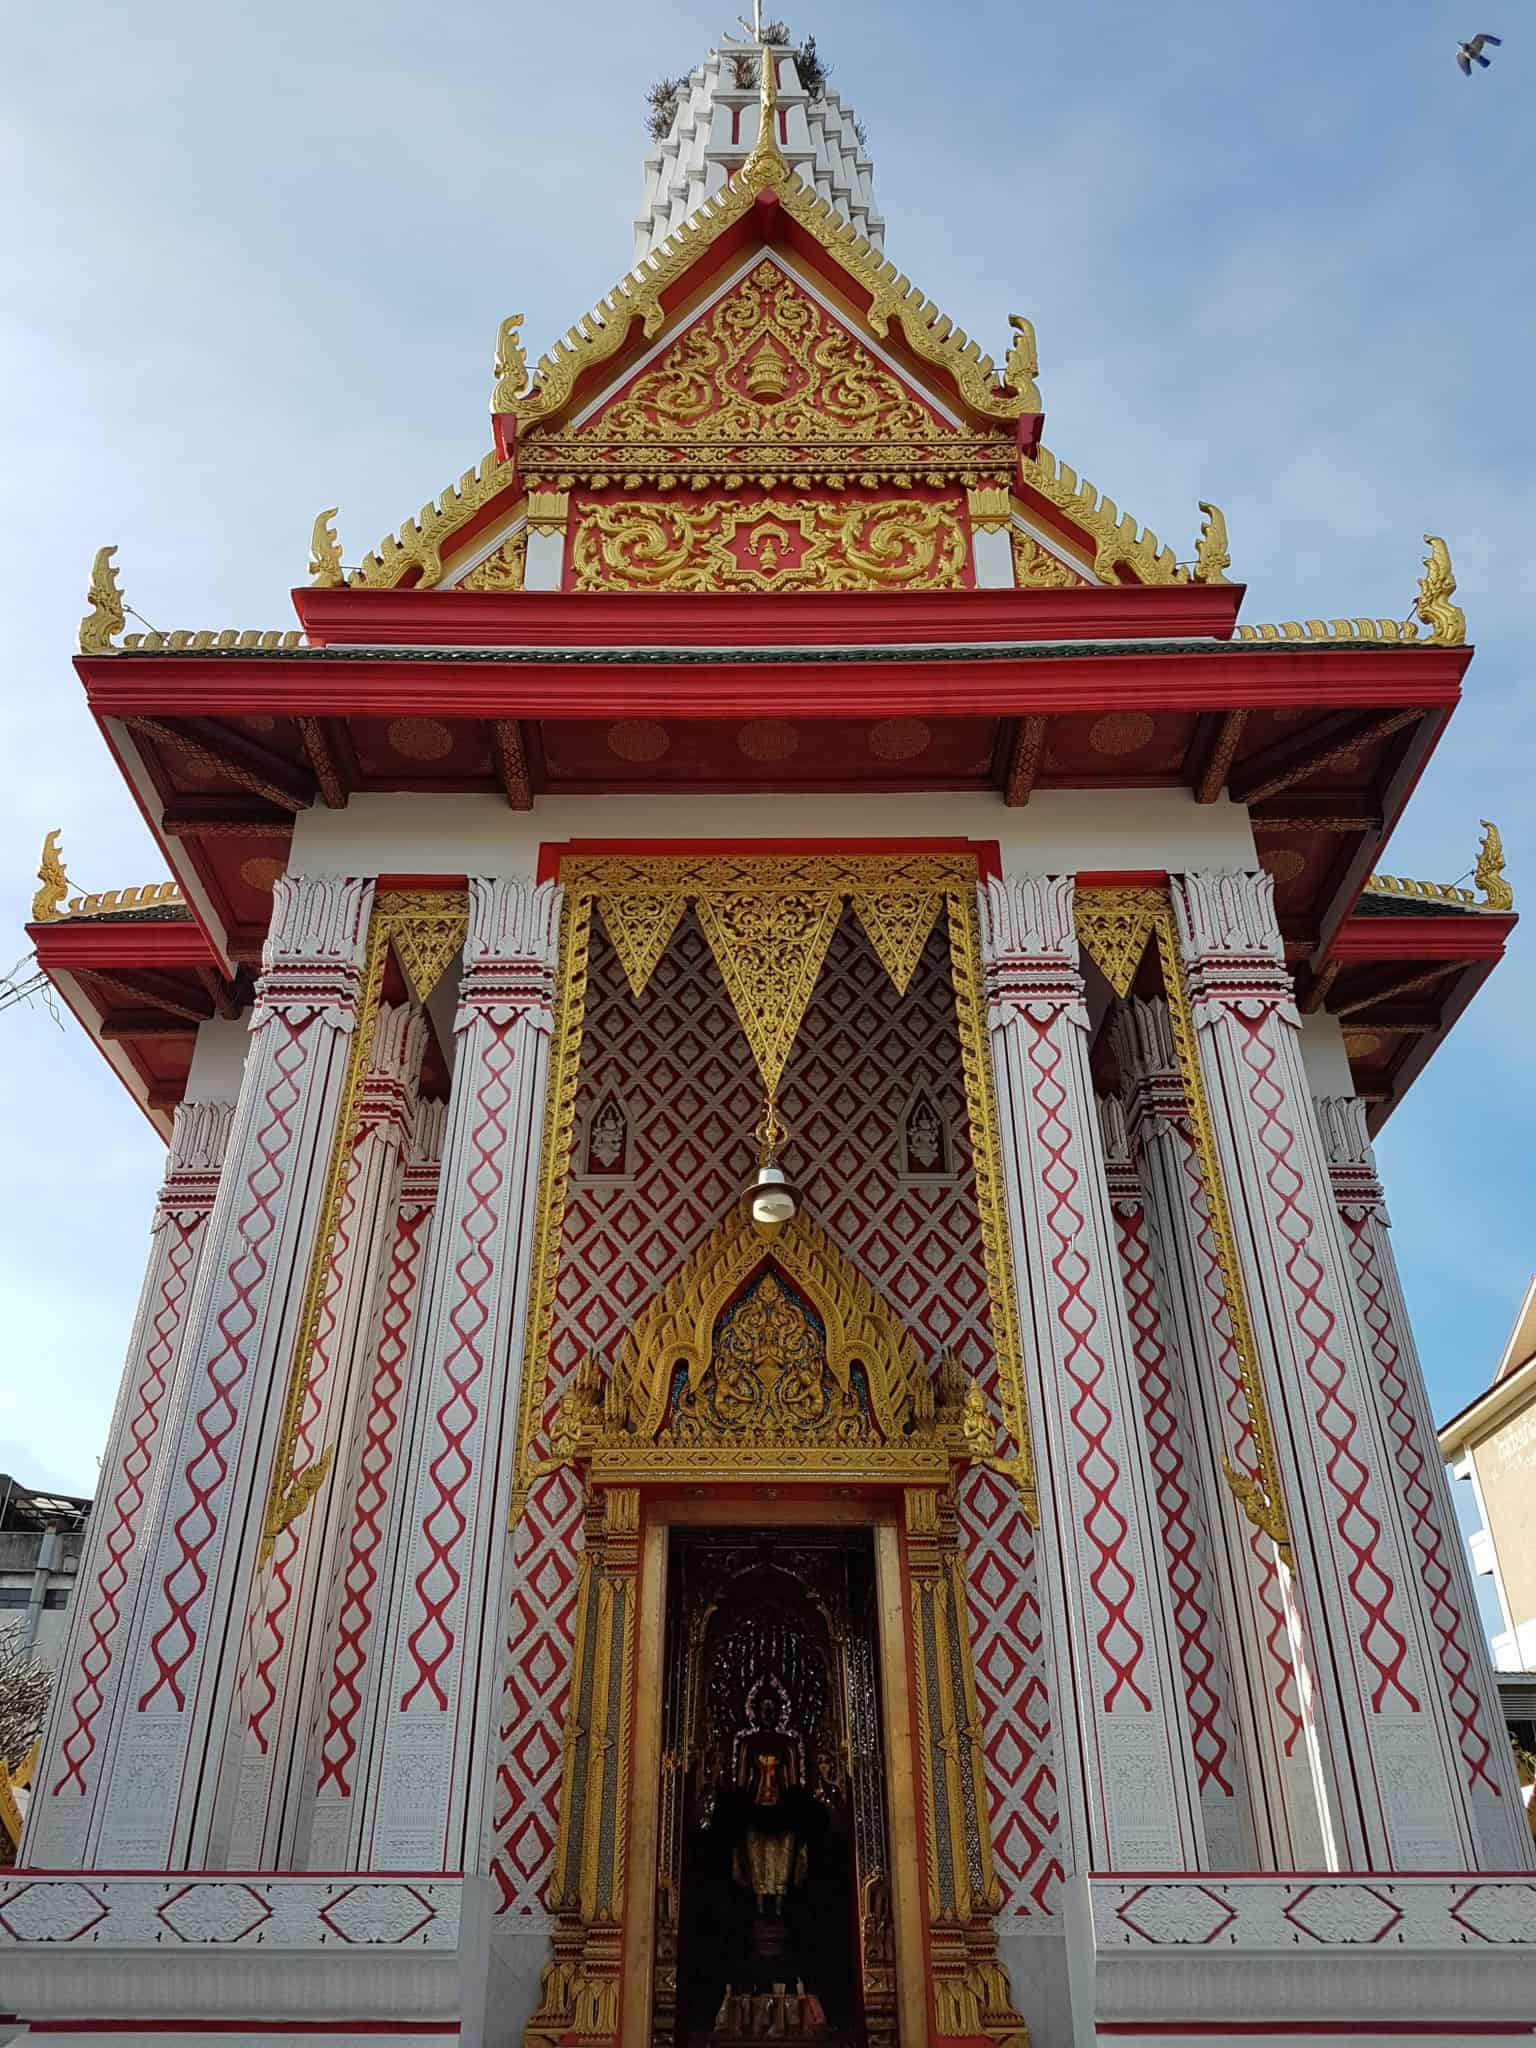 Thaïlande, marché aux fleurs et quartier Chinois de Bangkok 🎎 12